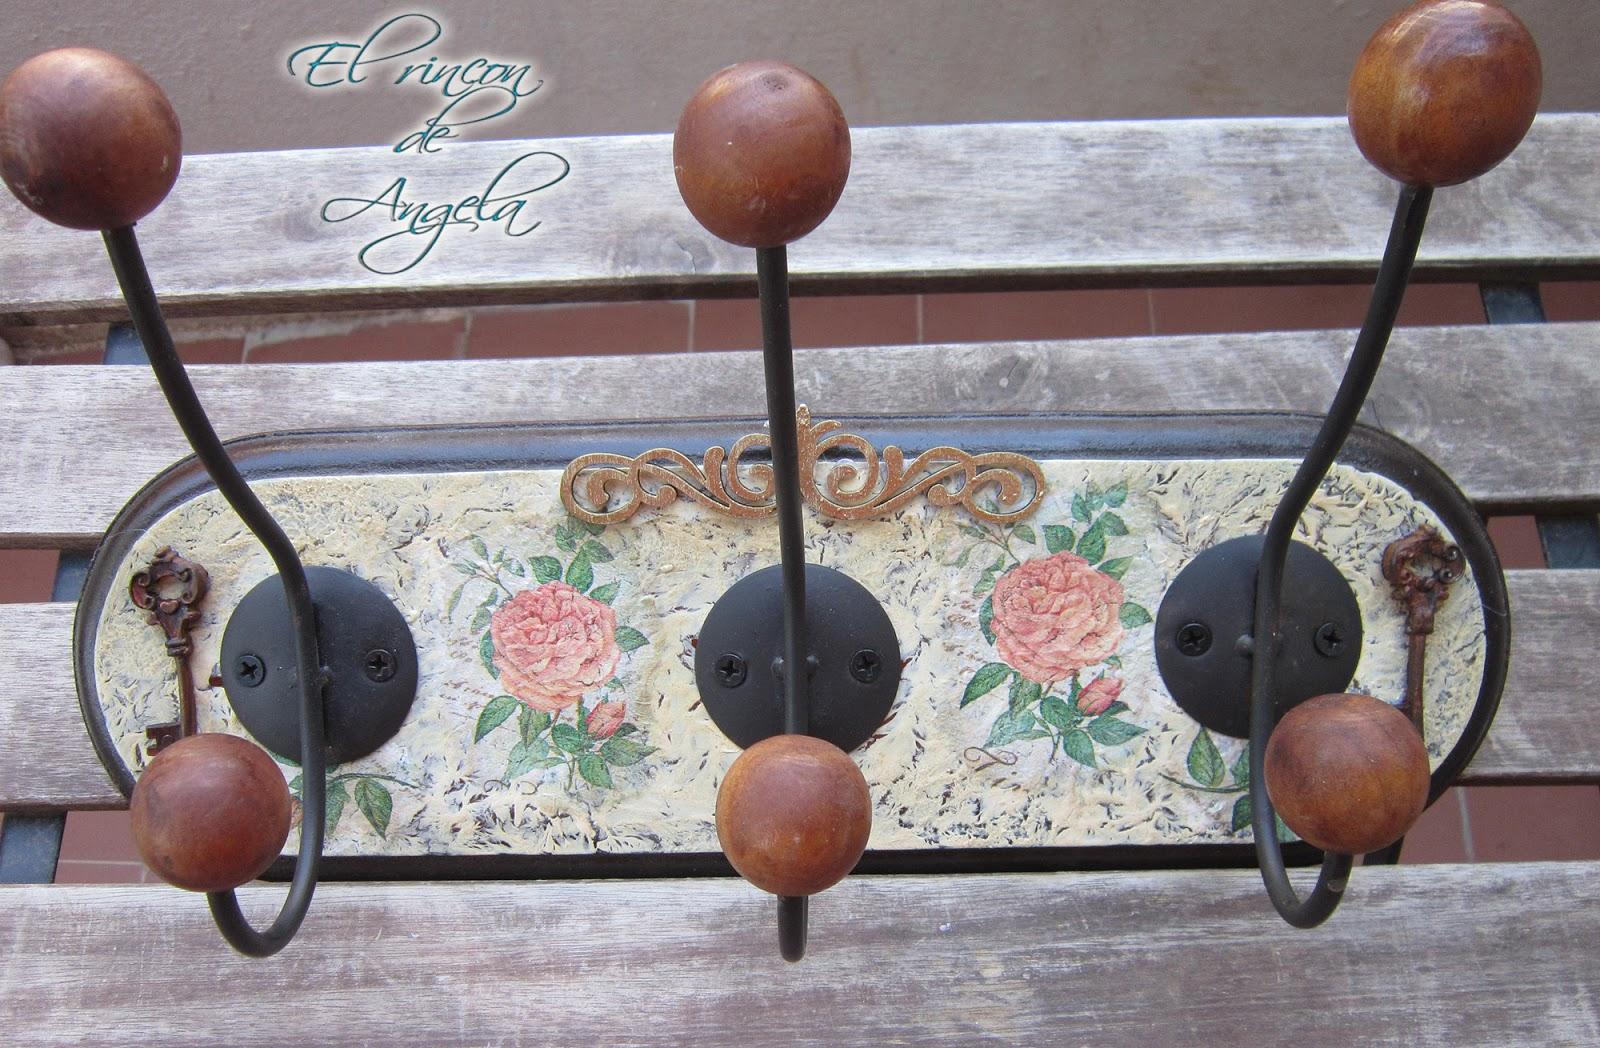 El rincon de angela decorar un perchero de madera con - Craquelado de madera ...